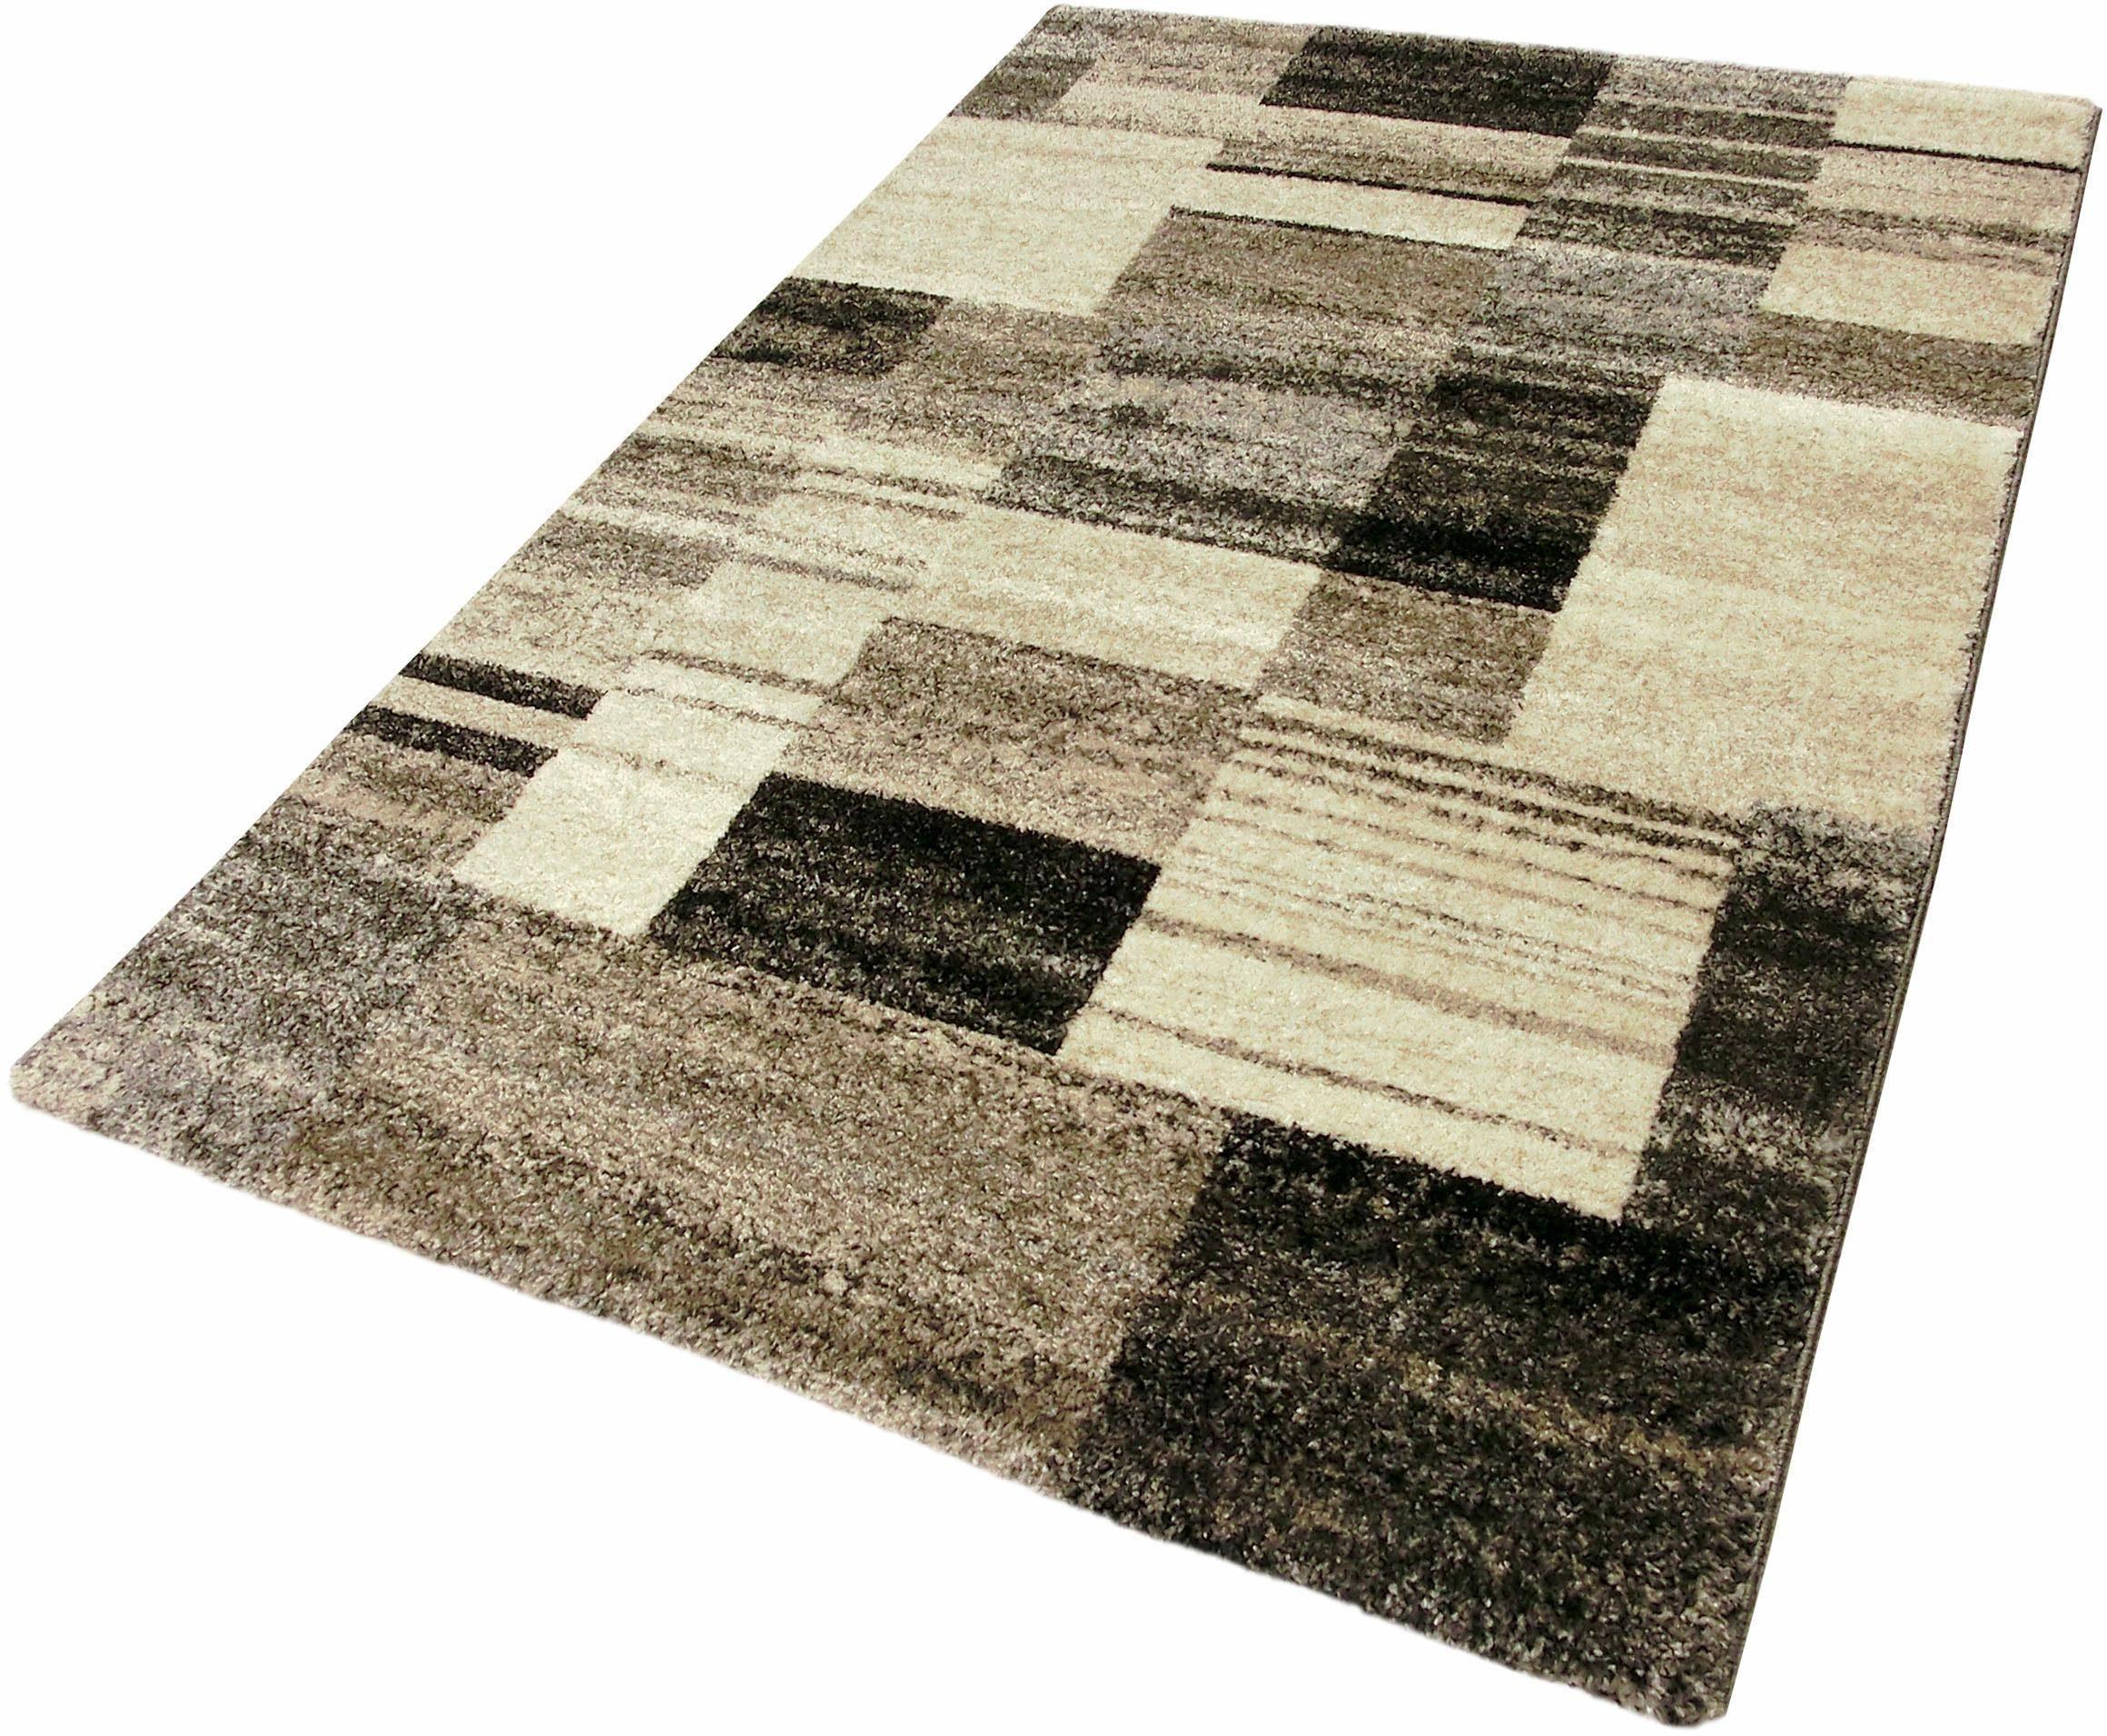 Ronde Vloerkleed Goedkoop : Patchwork vloerkleed goedkoop hoogpolig vloerkleed ecru alaska